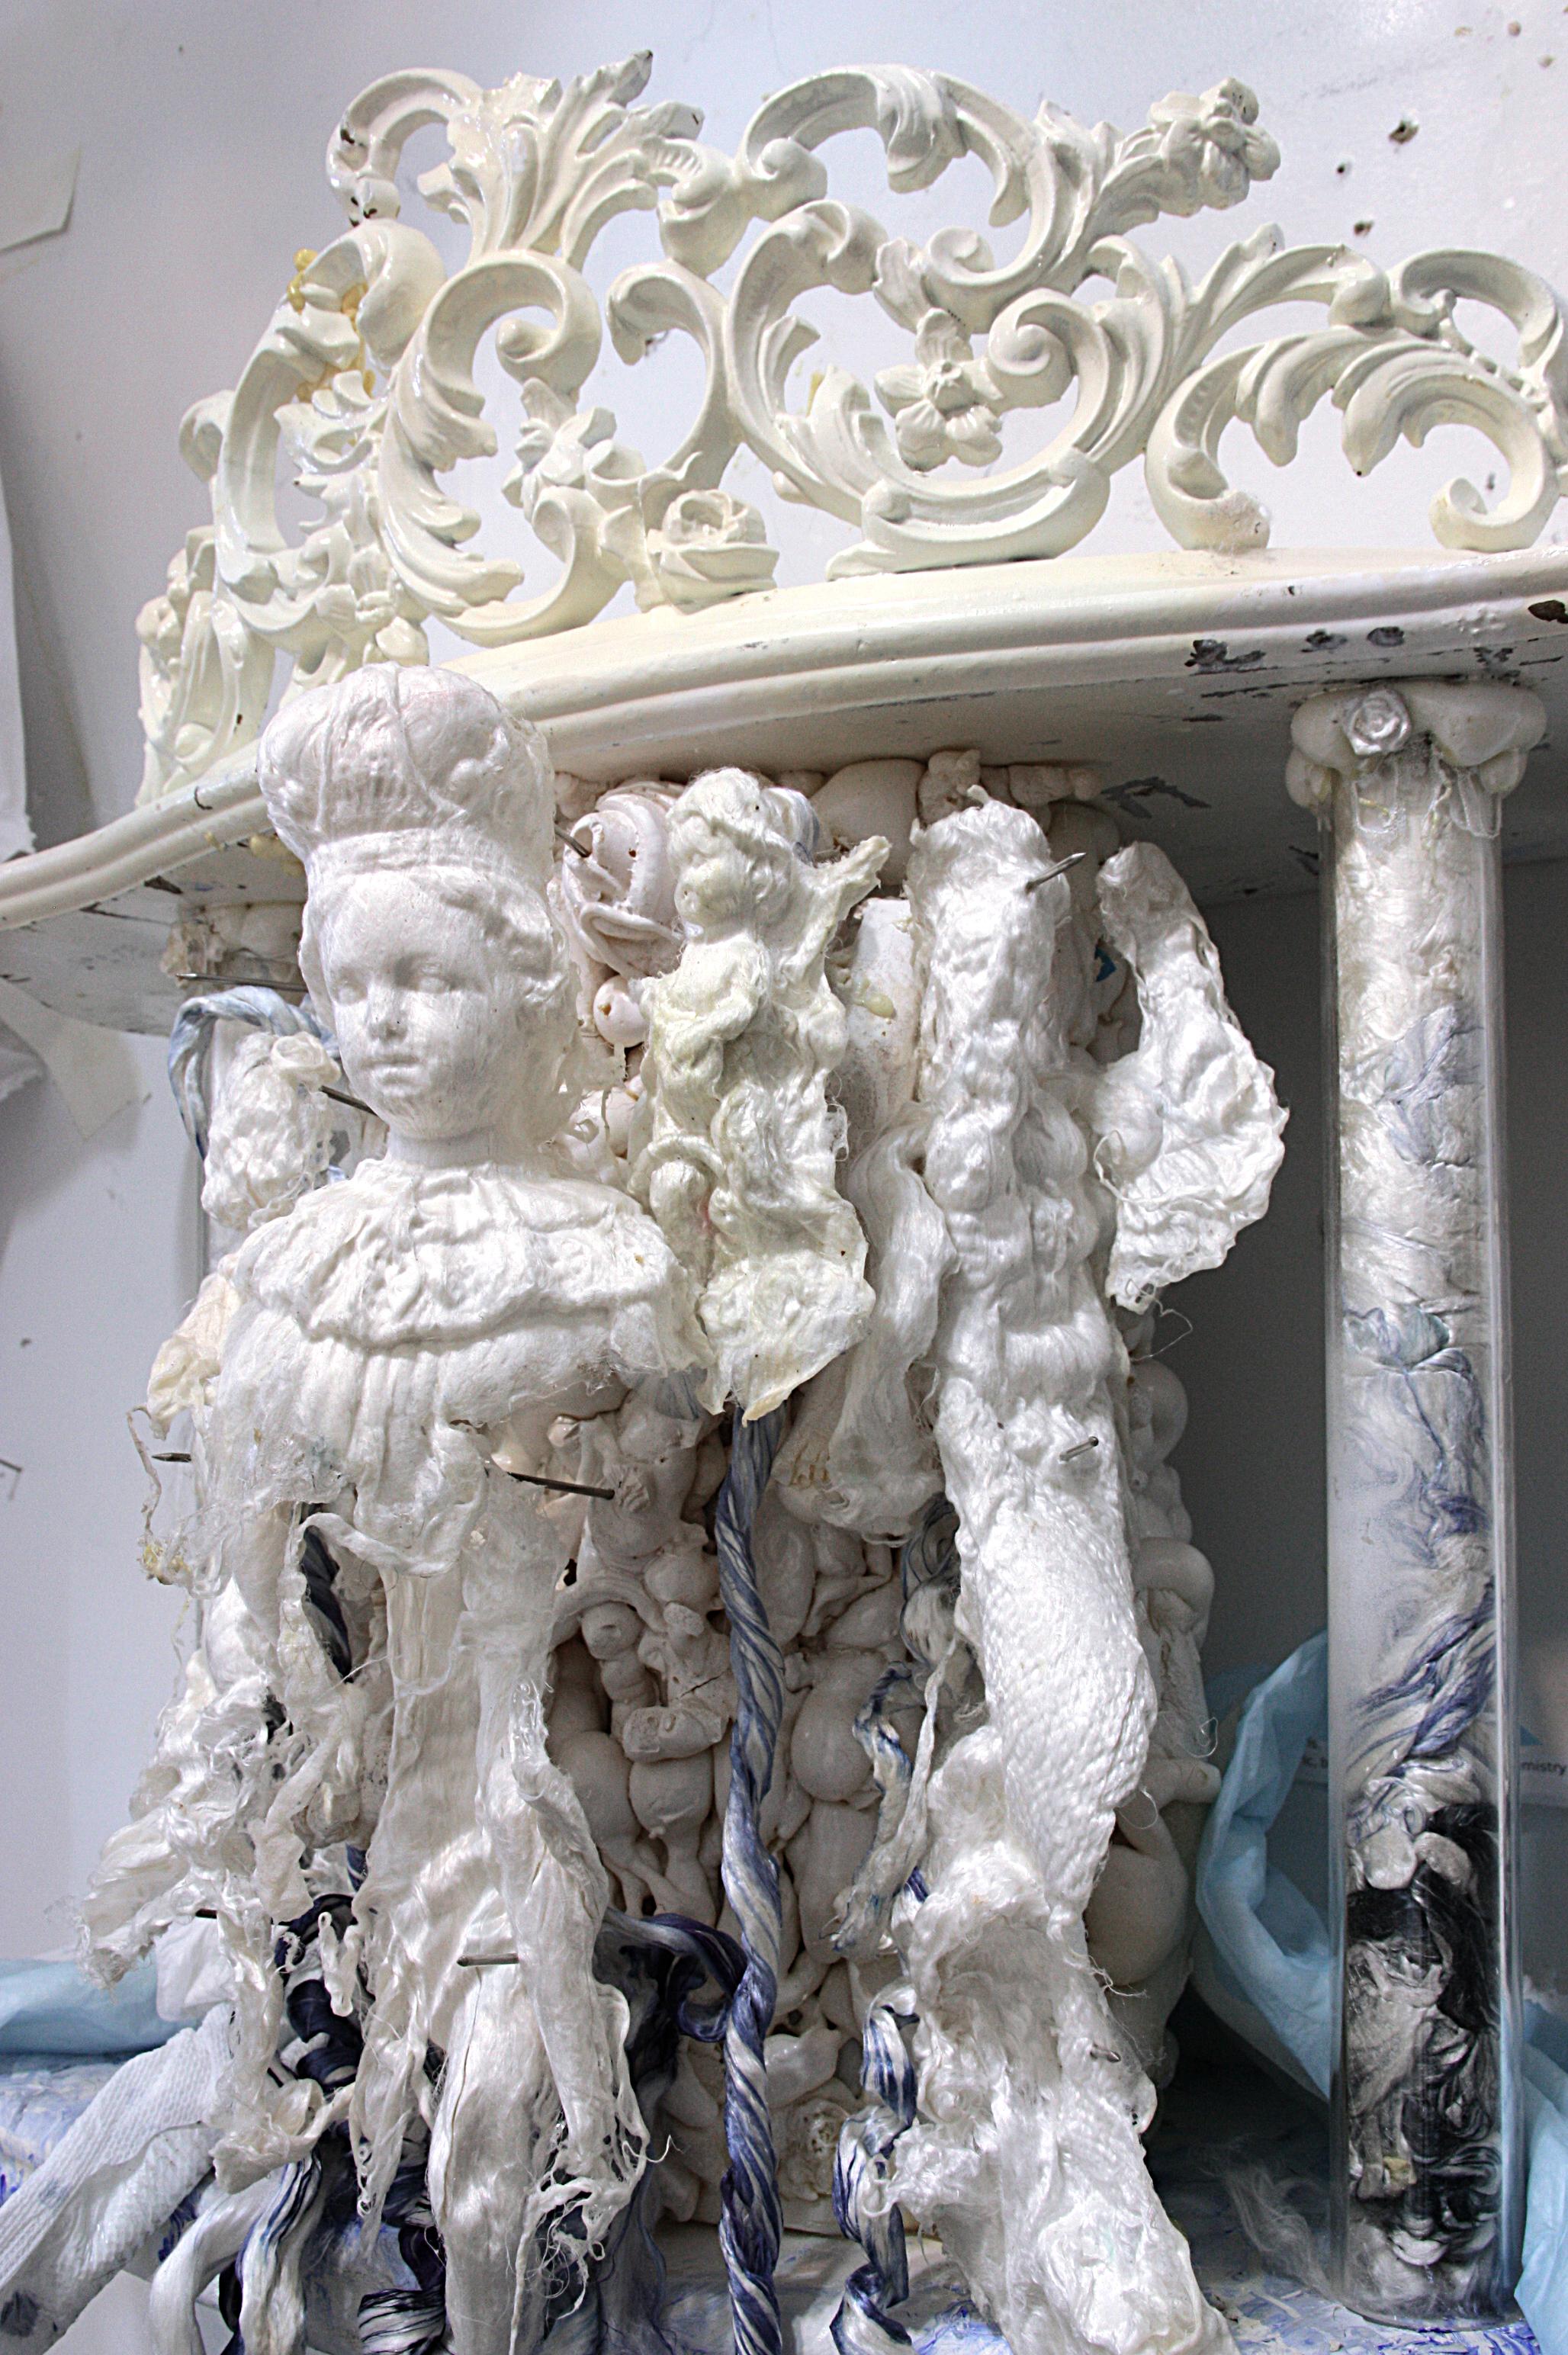 art sculpture baroque punkpablo garcia lopez silk